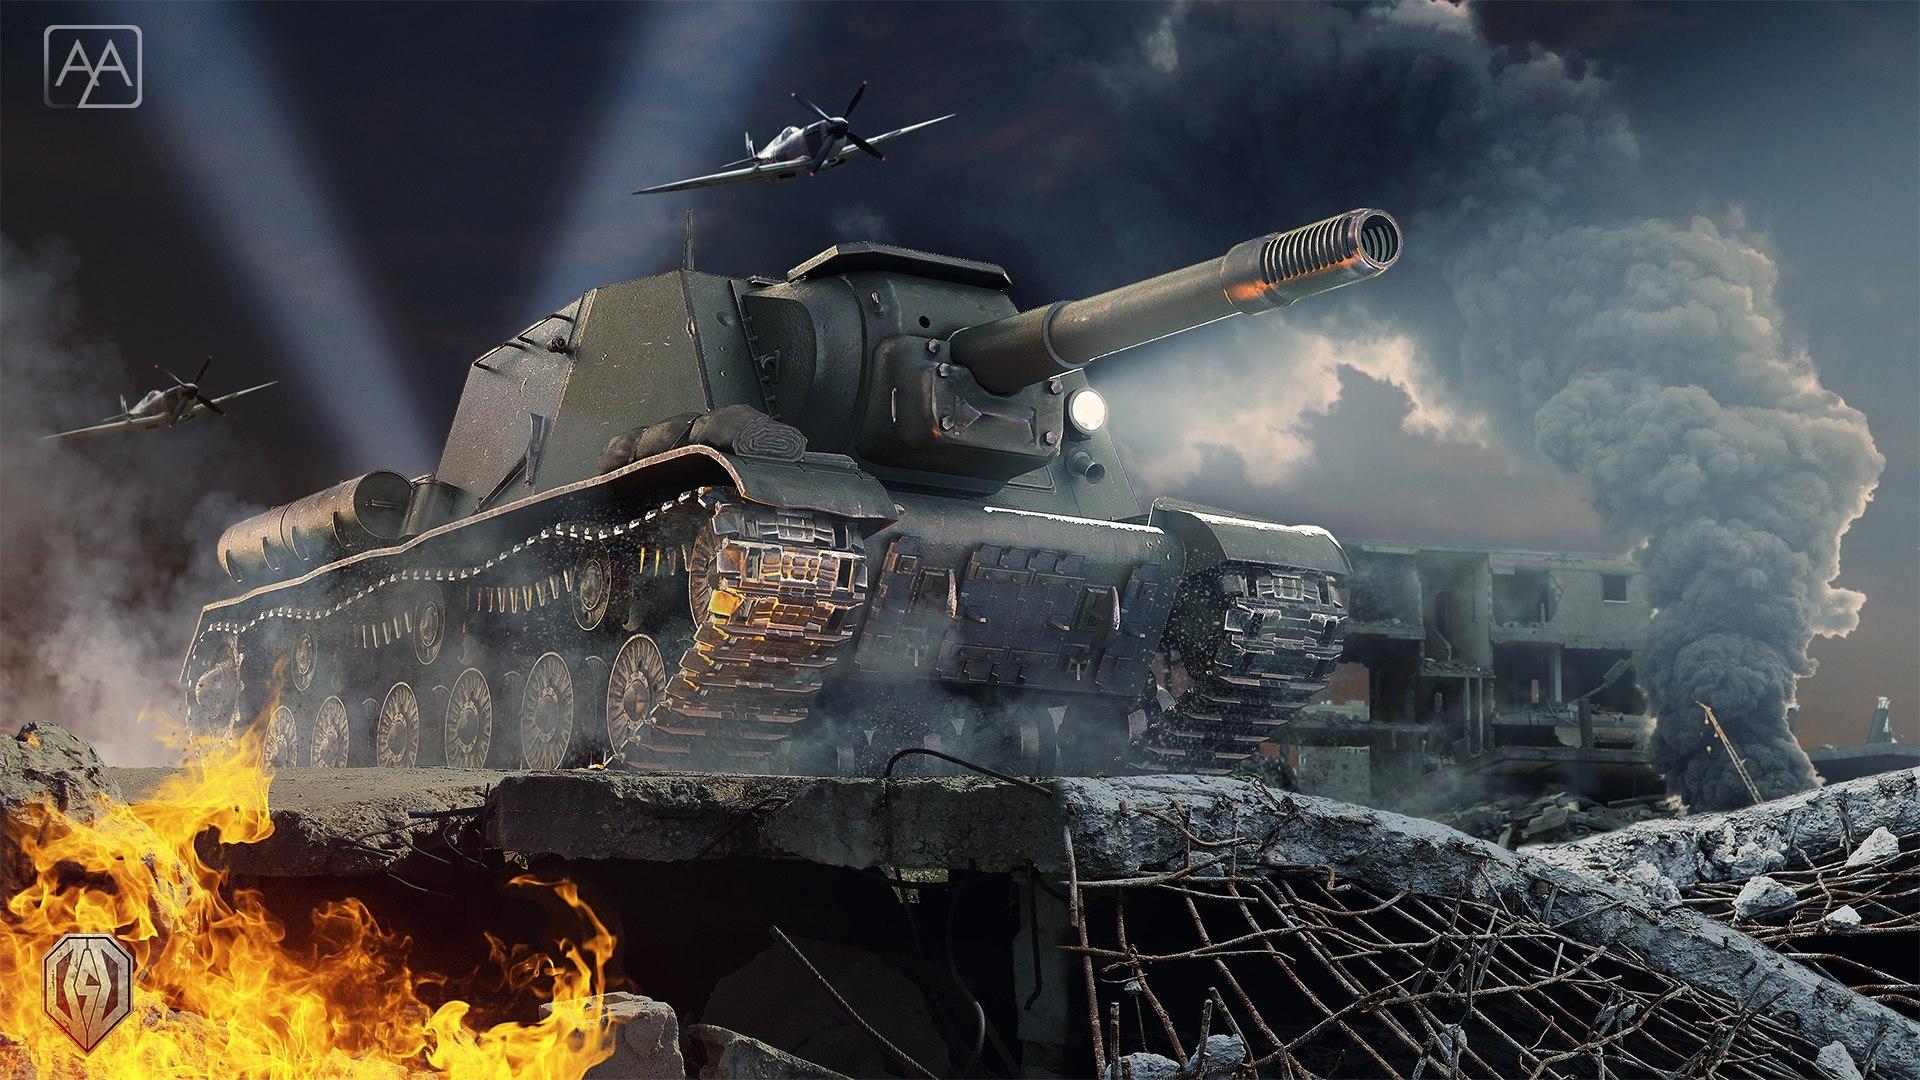 Ворлд оф танкс скачать картинки   на заставку (15)